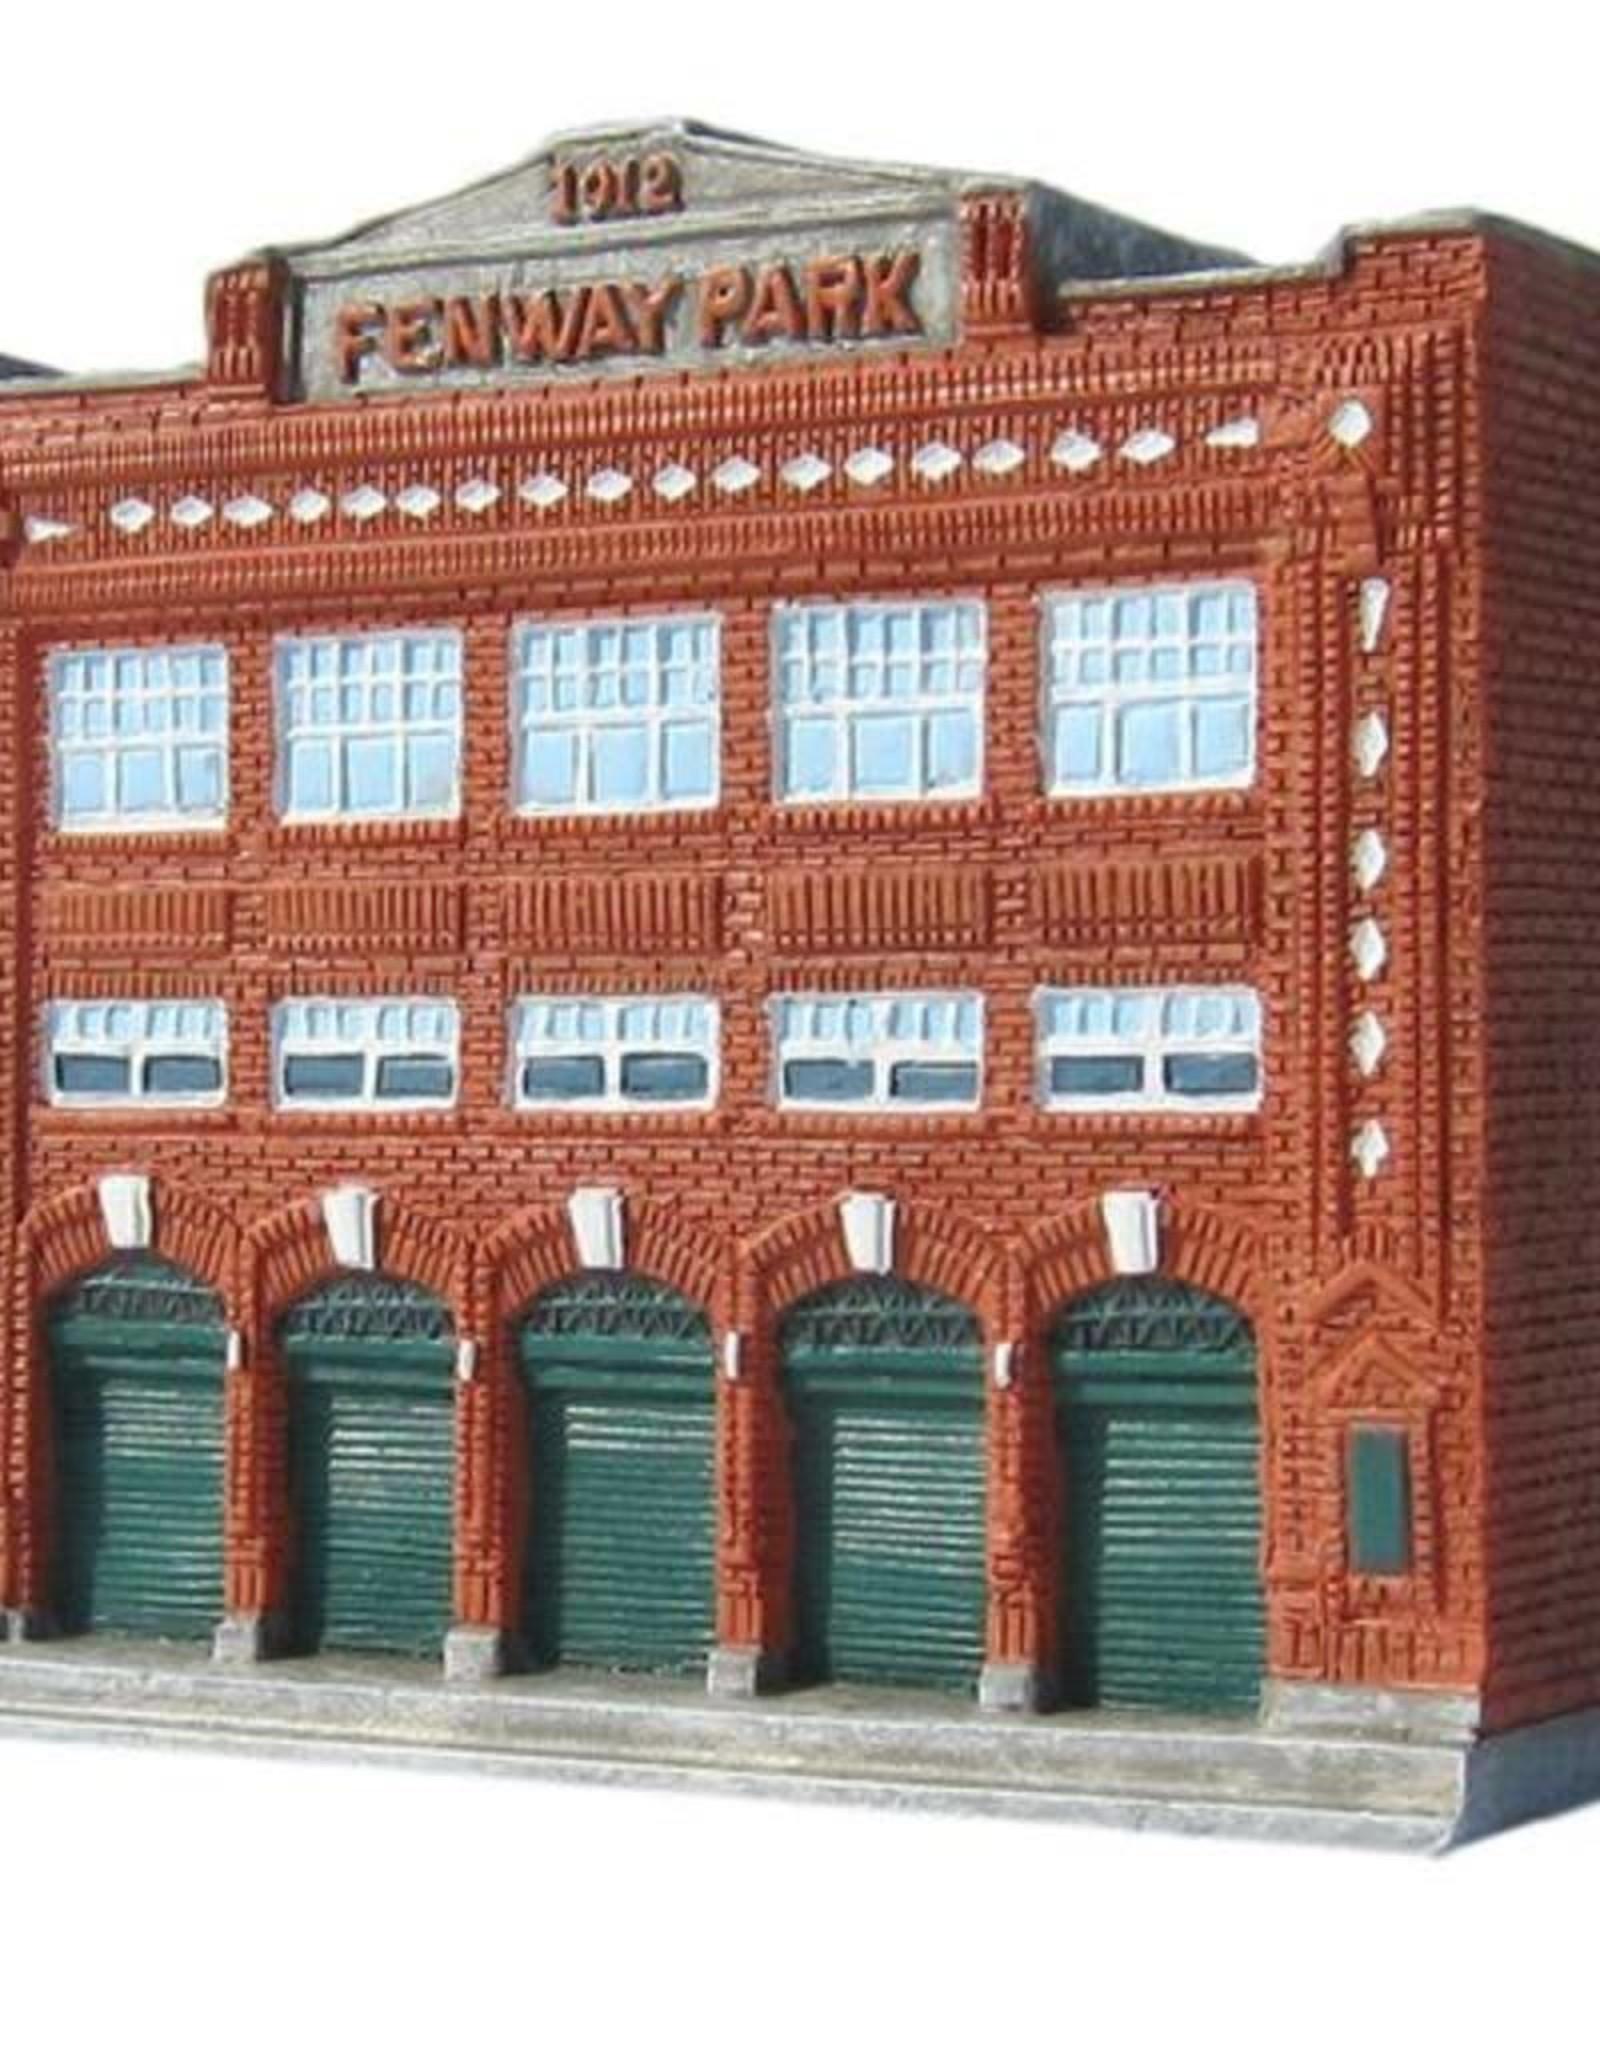 Fenway Park Facade Ornament